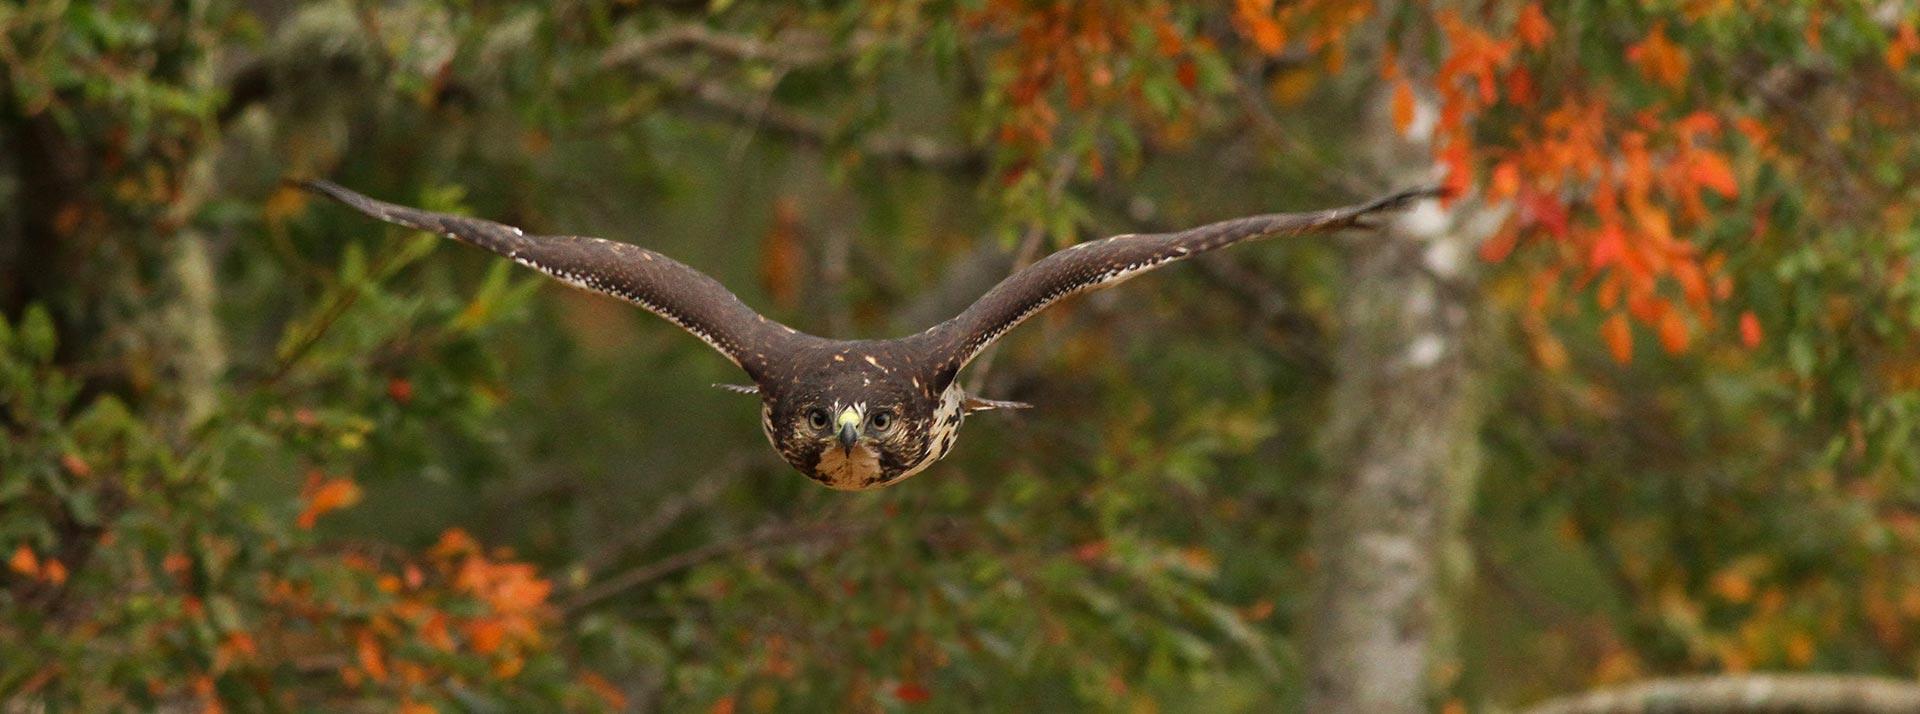 Aguilucho Cola Rojiza volando sobre el bosque de Nahuelbuta